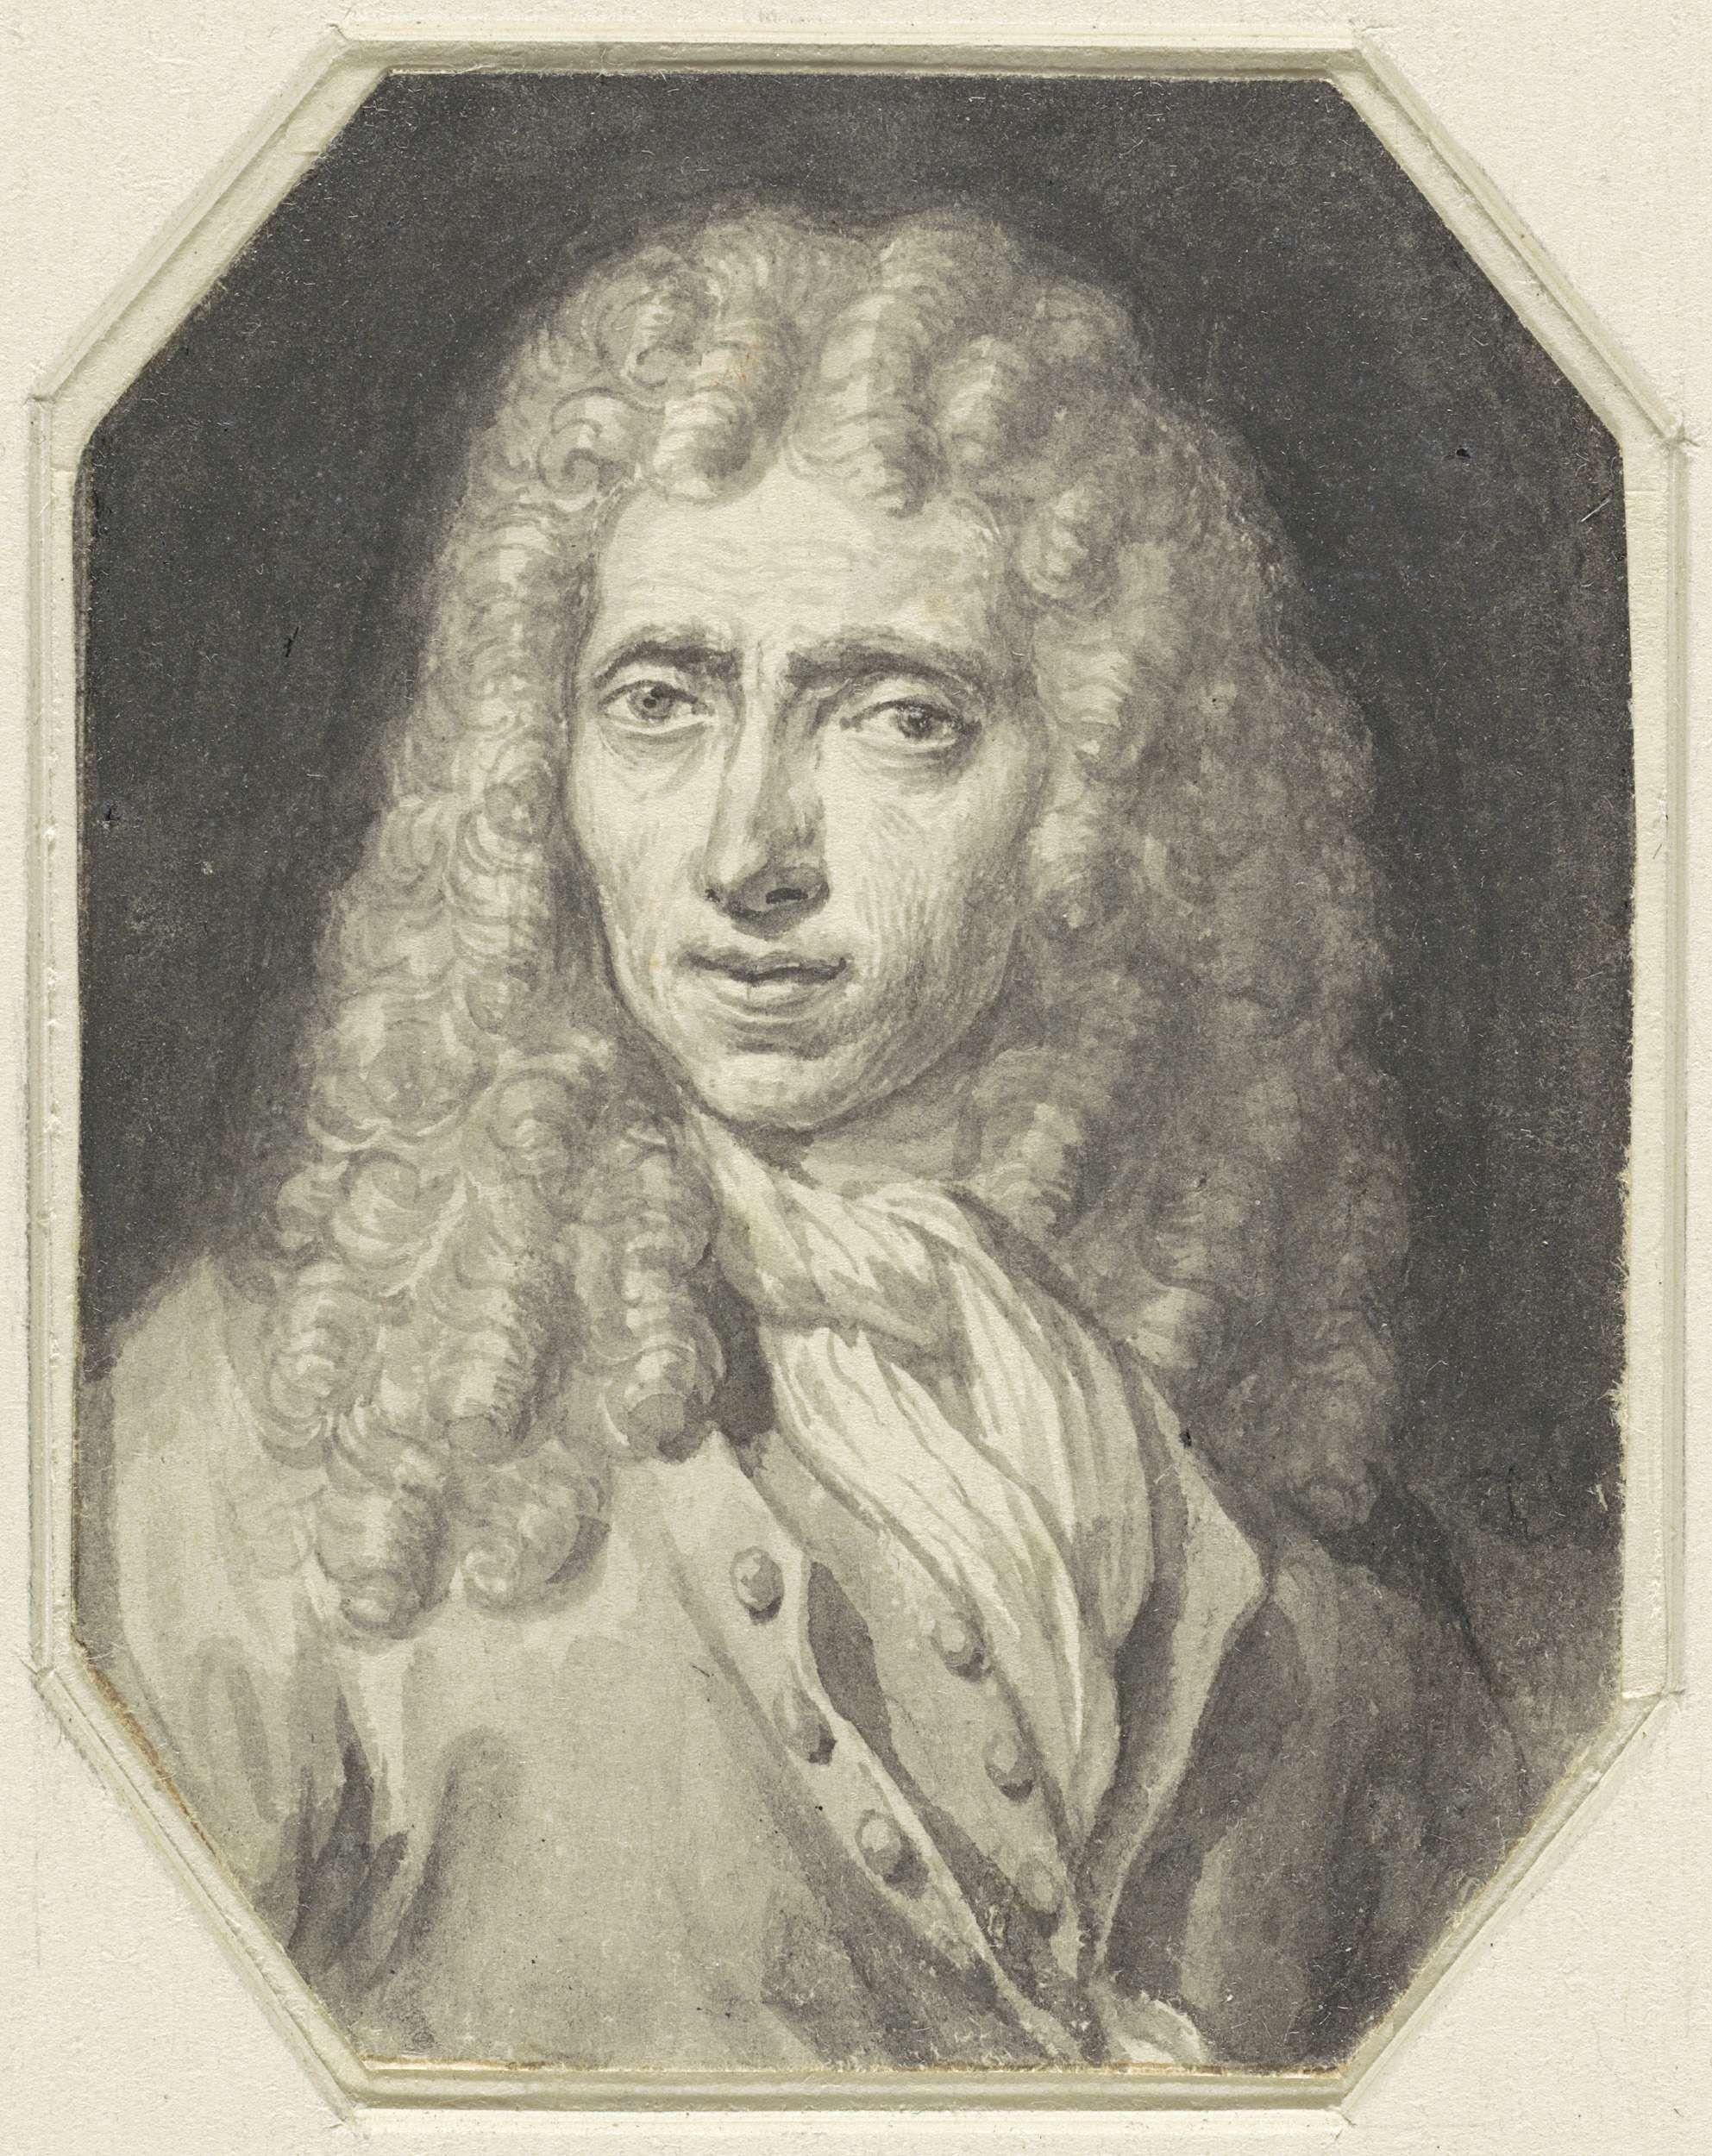 Arnold Houbraken   Portret van de schilder Johannes Voorhout, Arnold Houbraken, Christiaan Julius Lodewijk Portman, 1670 - 1719  